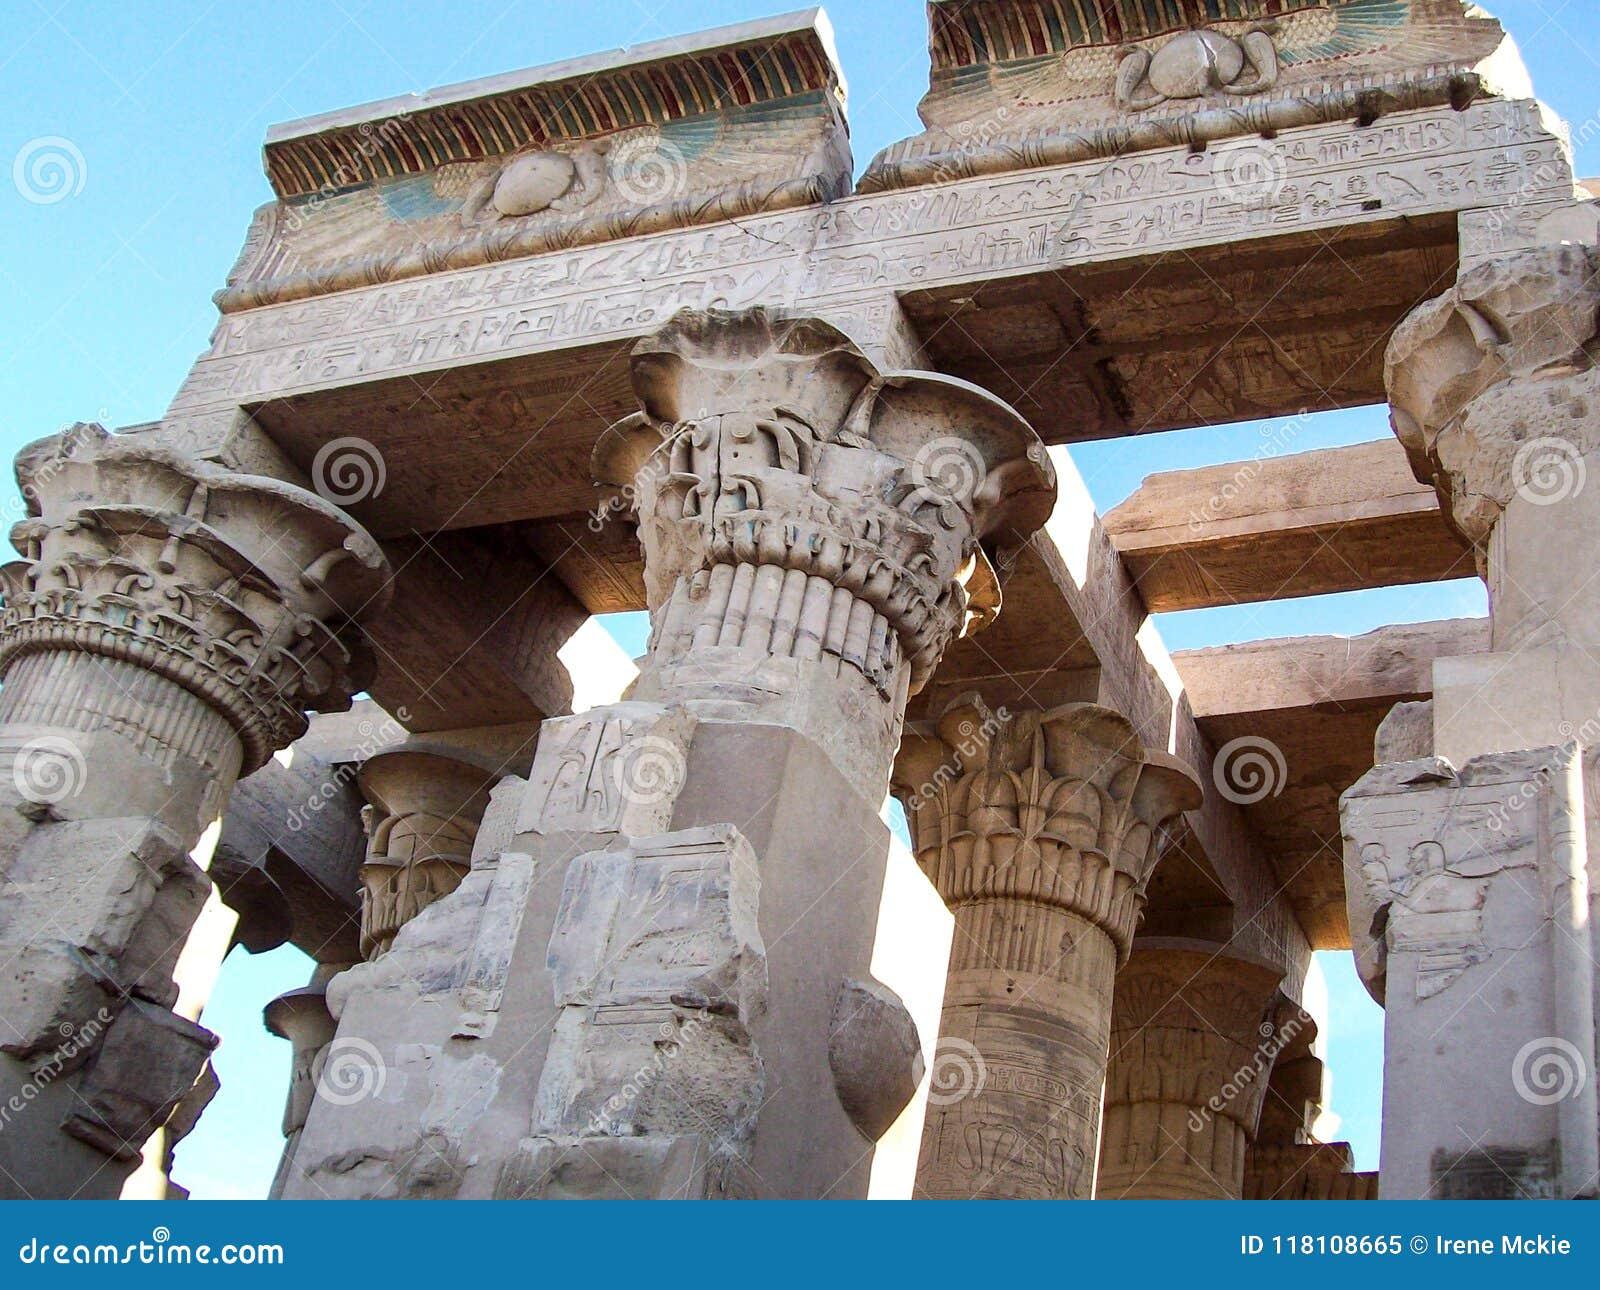 Columnas antiguas, detalle, escultura, tallas